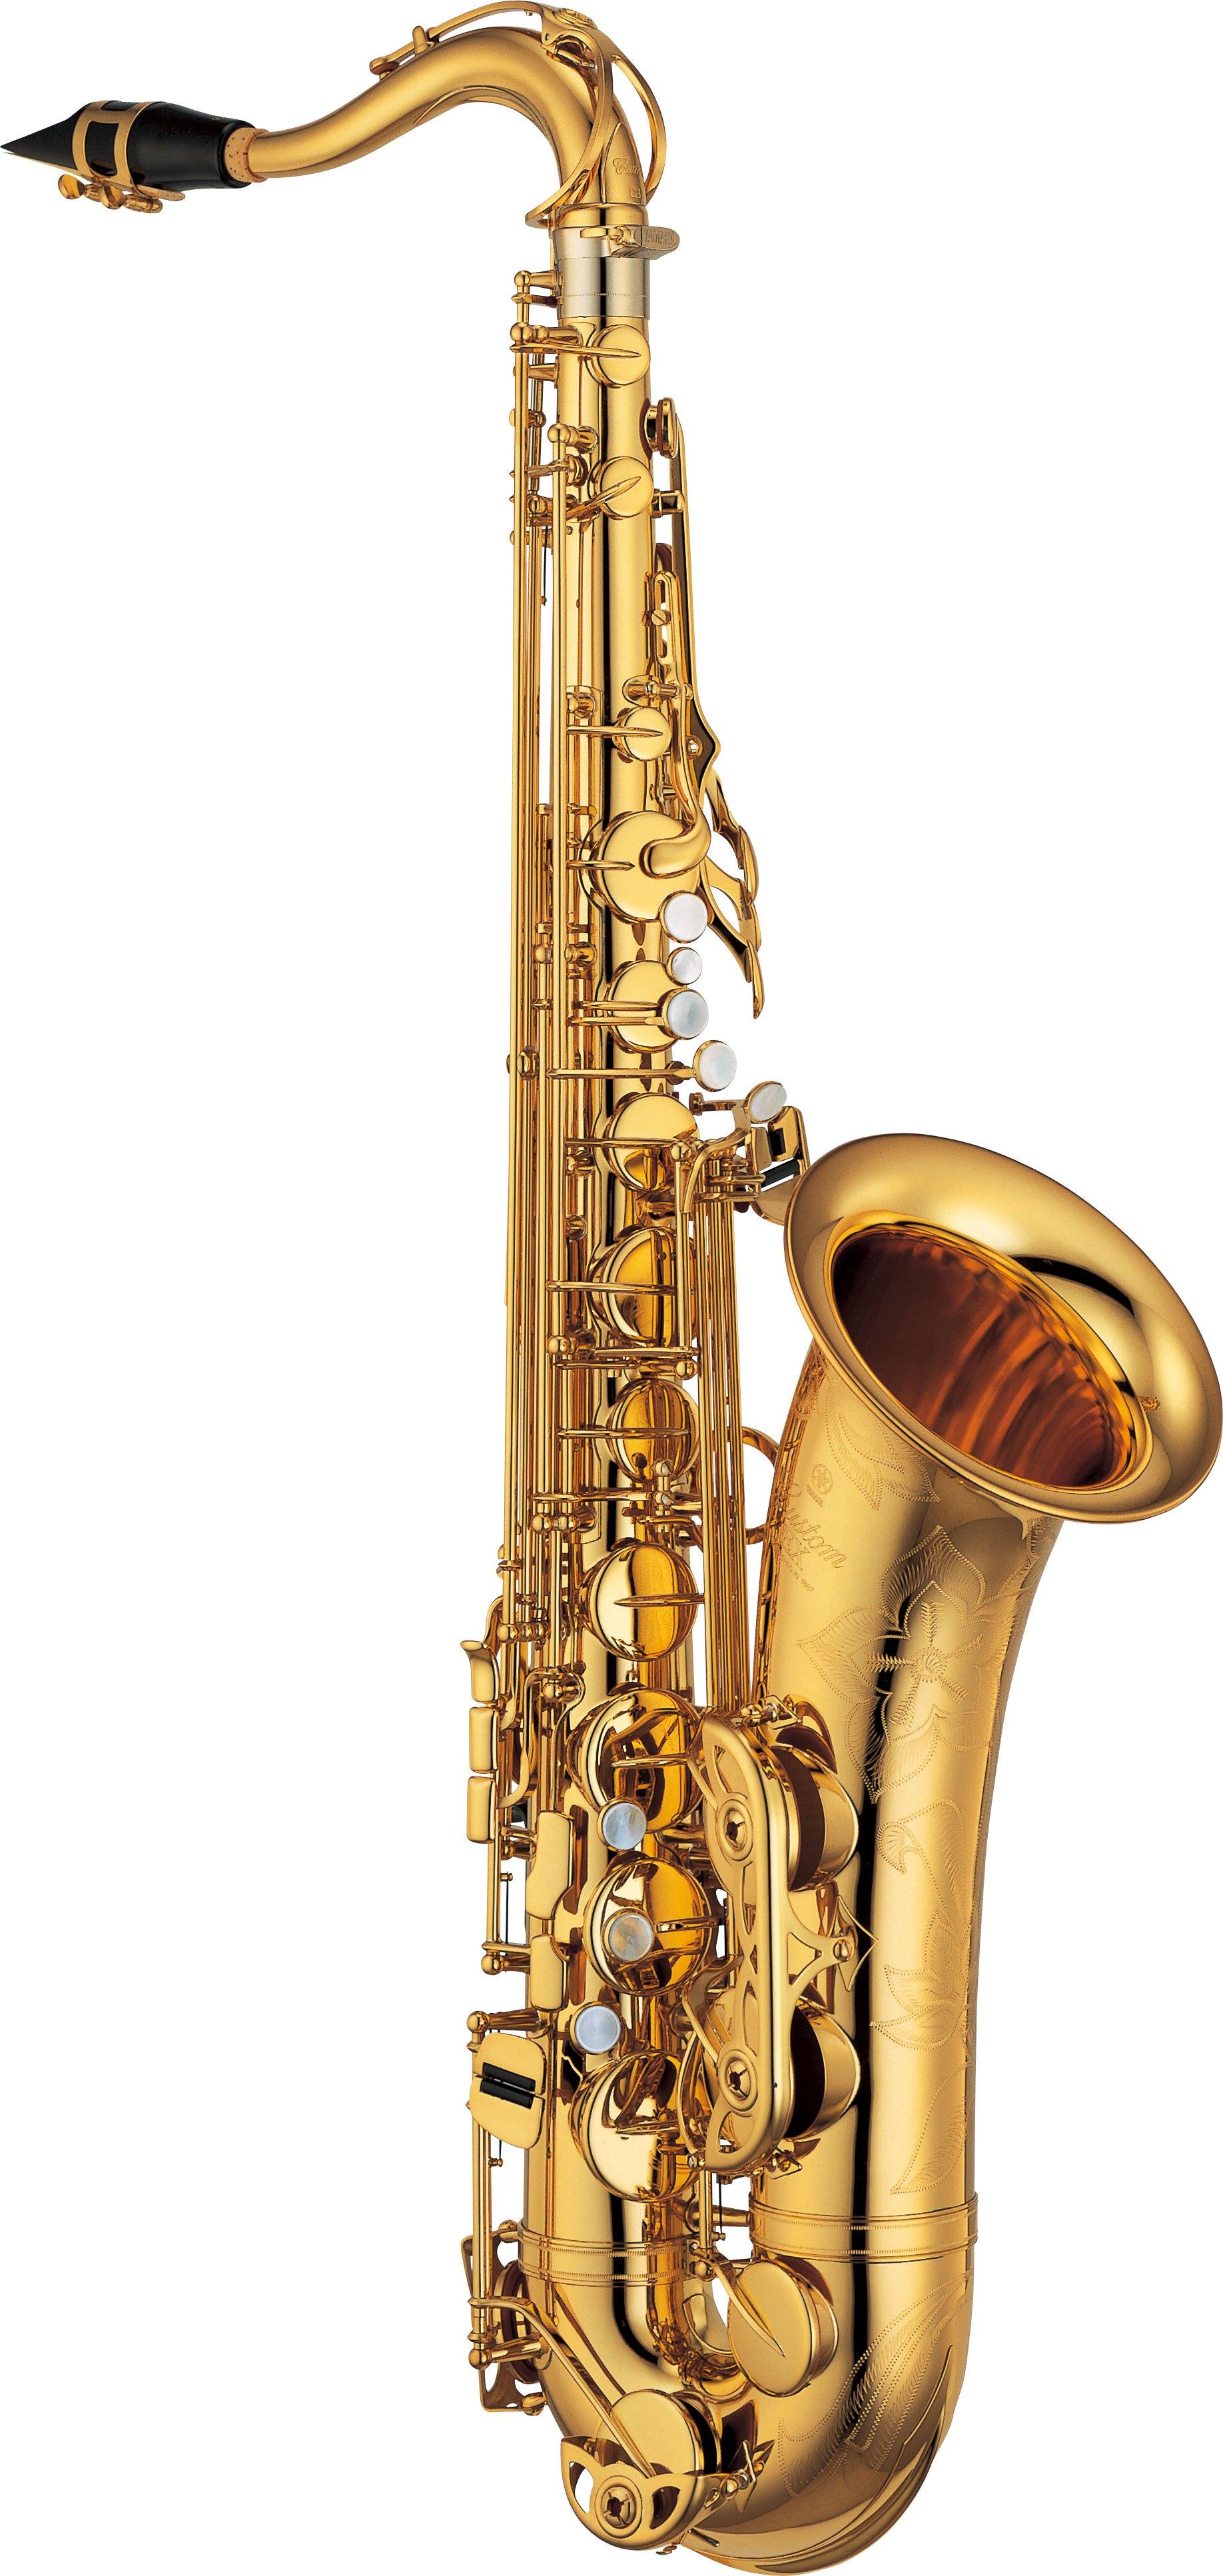 Yamaha - YTS-875-EX - Holzblasinstrumente - Saxophone | MUSIK BERTRAM Deutschland Freiburg